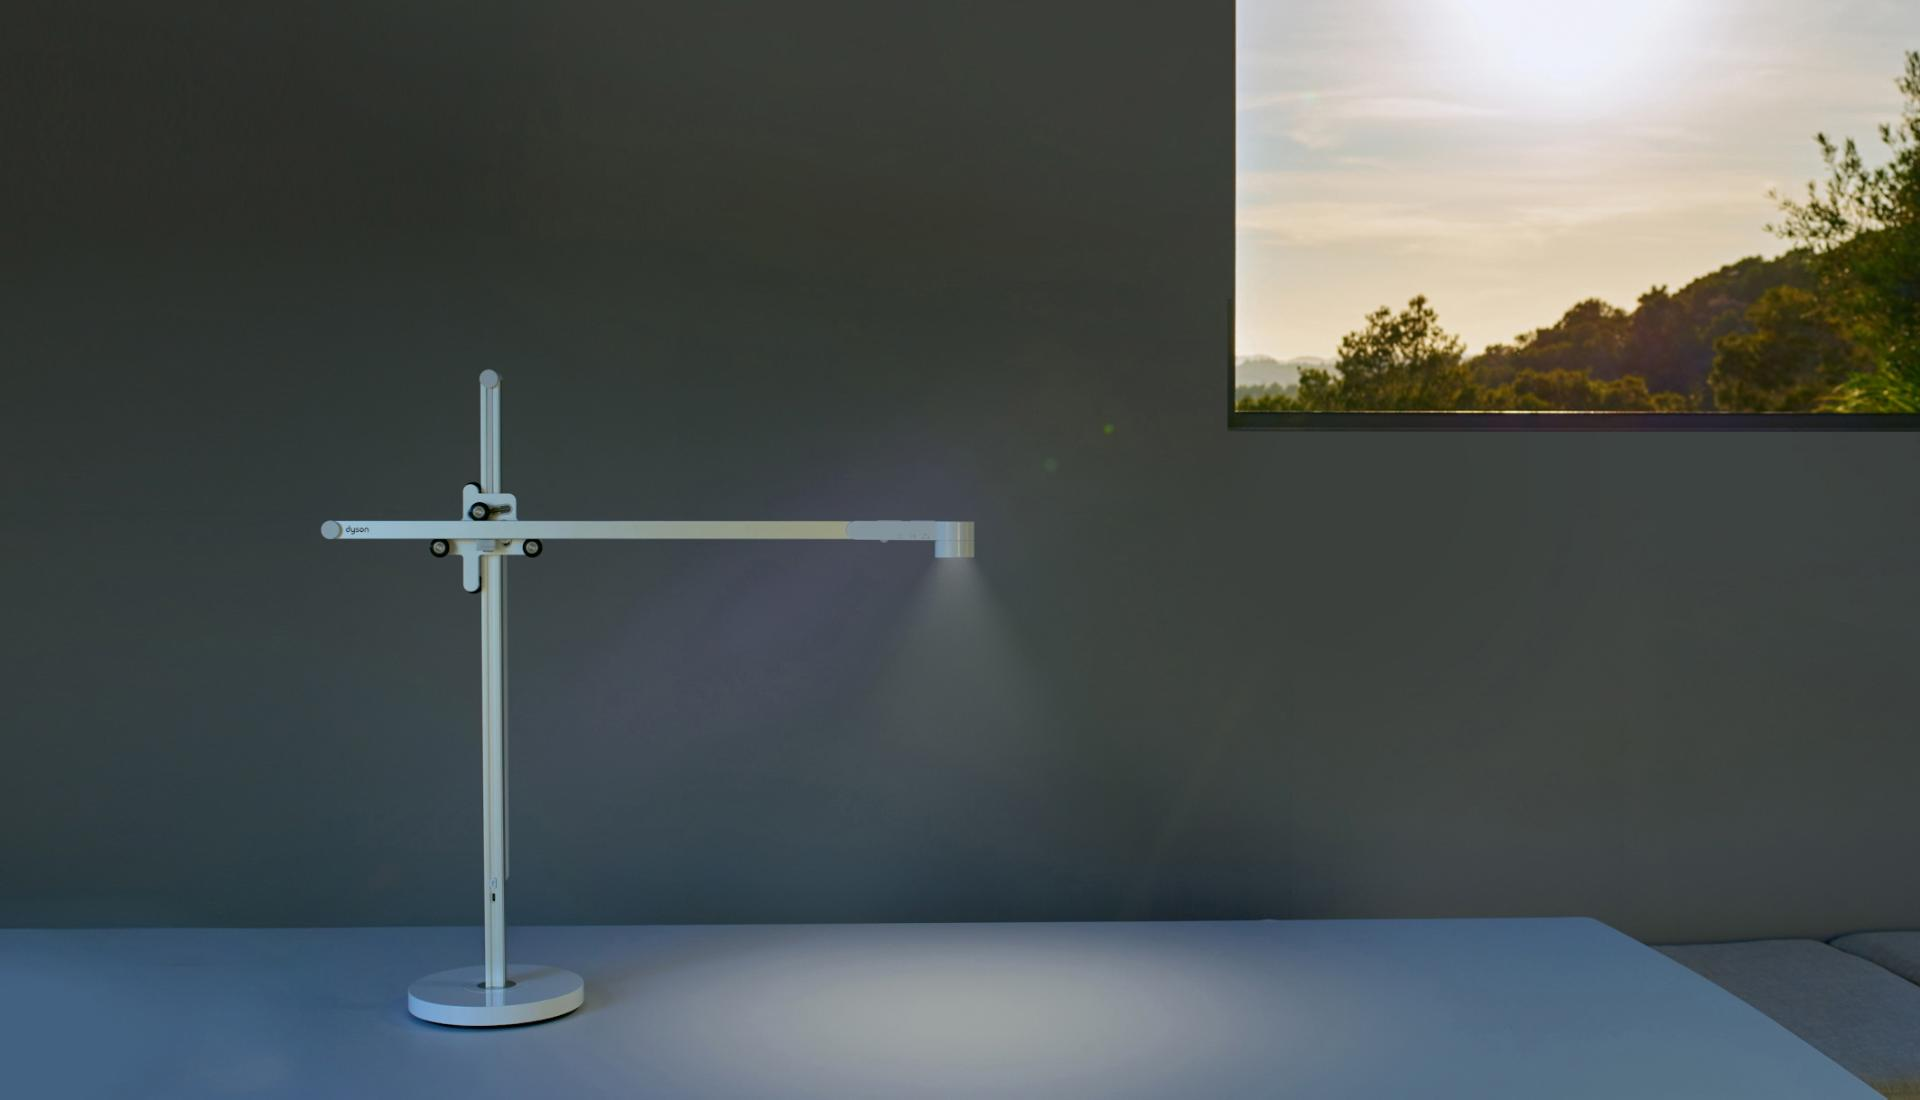 Video de la lámpara de trabajo Dyson Lightcycle ajustándose a la luz solar